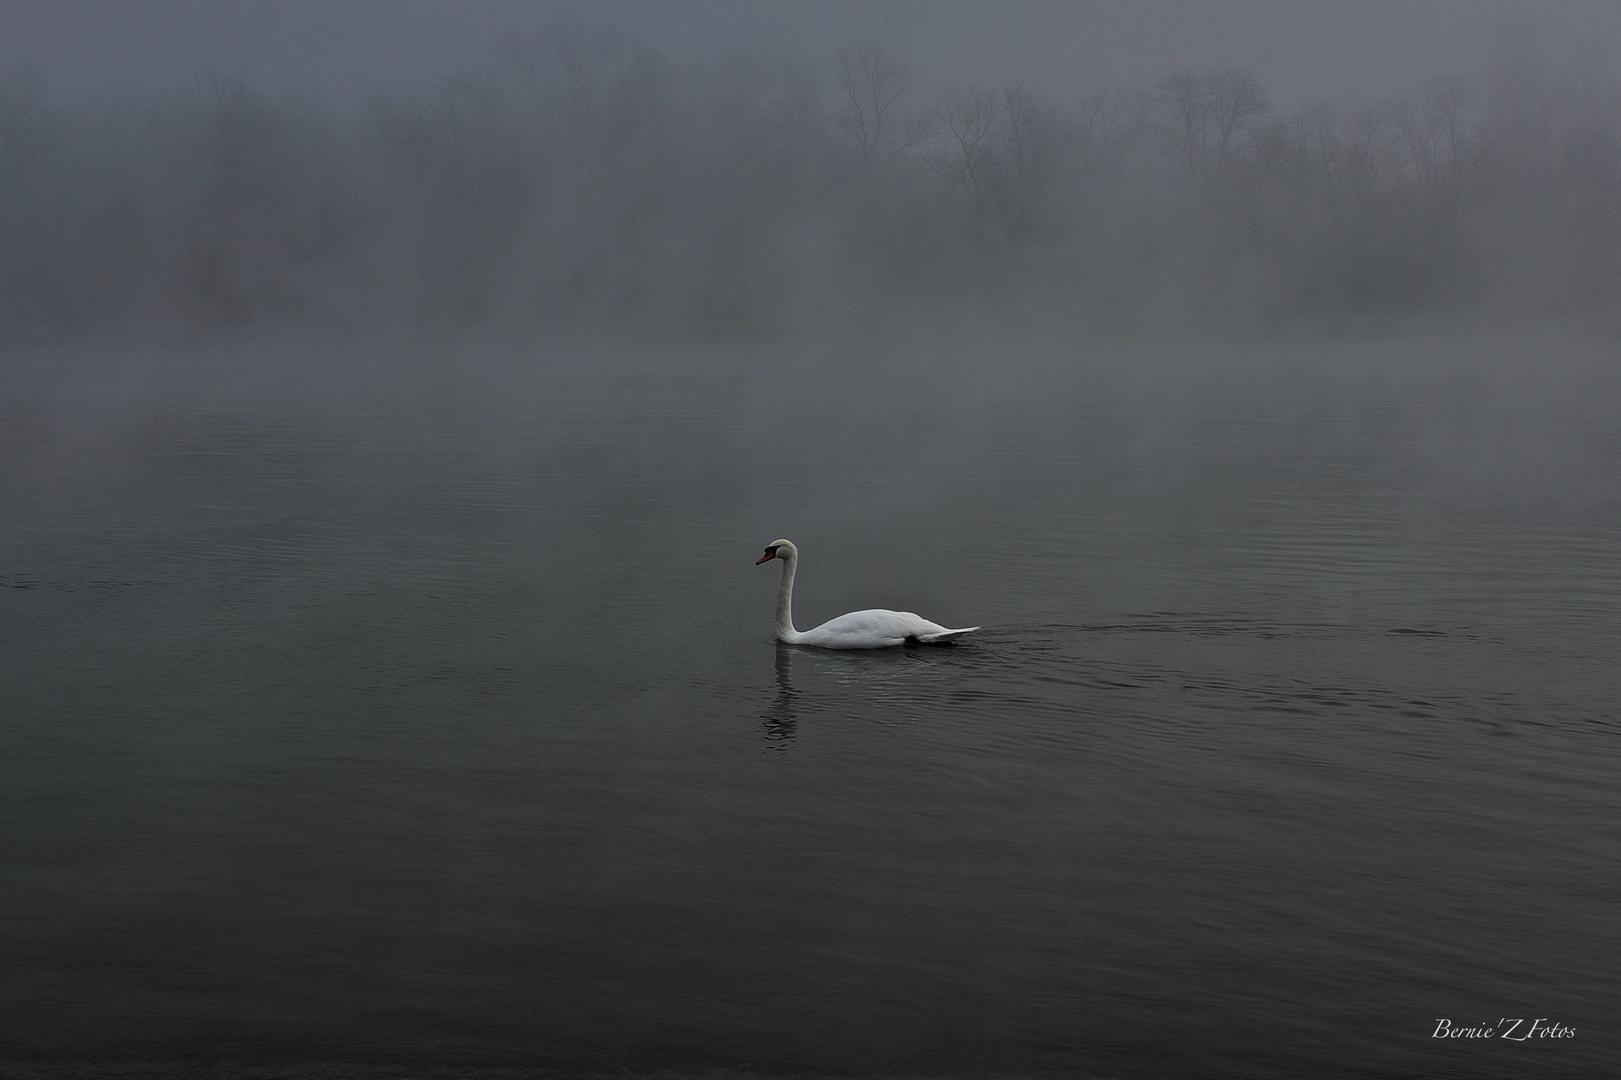 White swan in black atmosphere